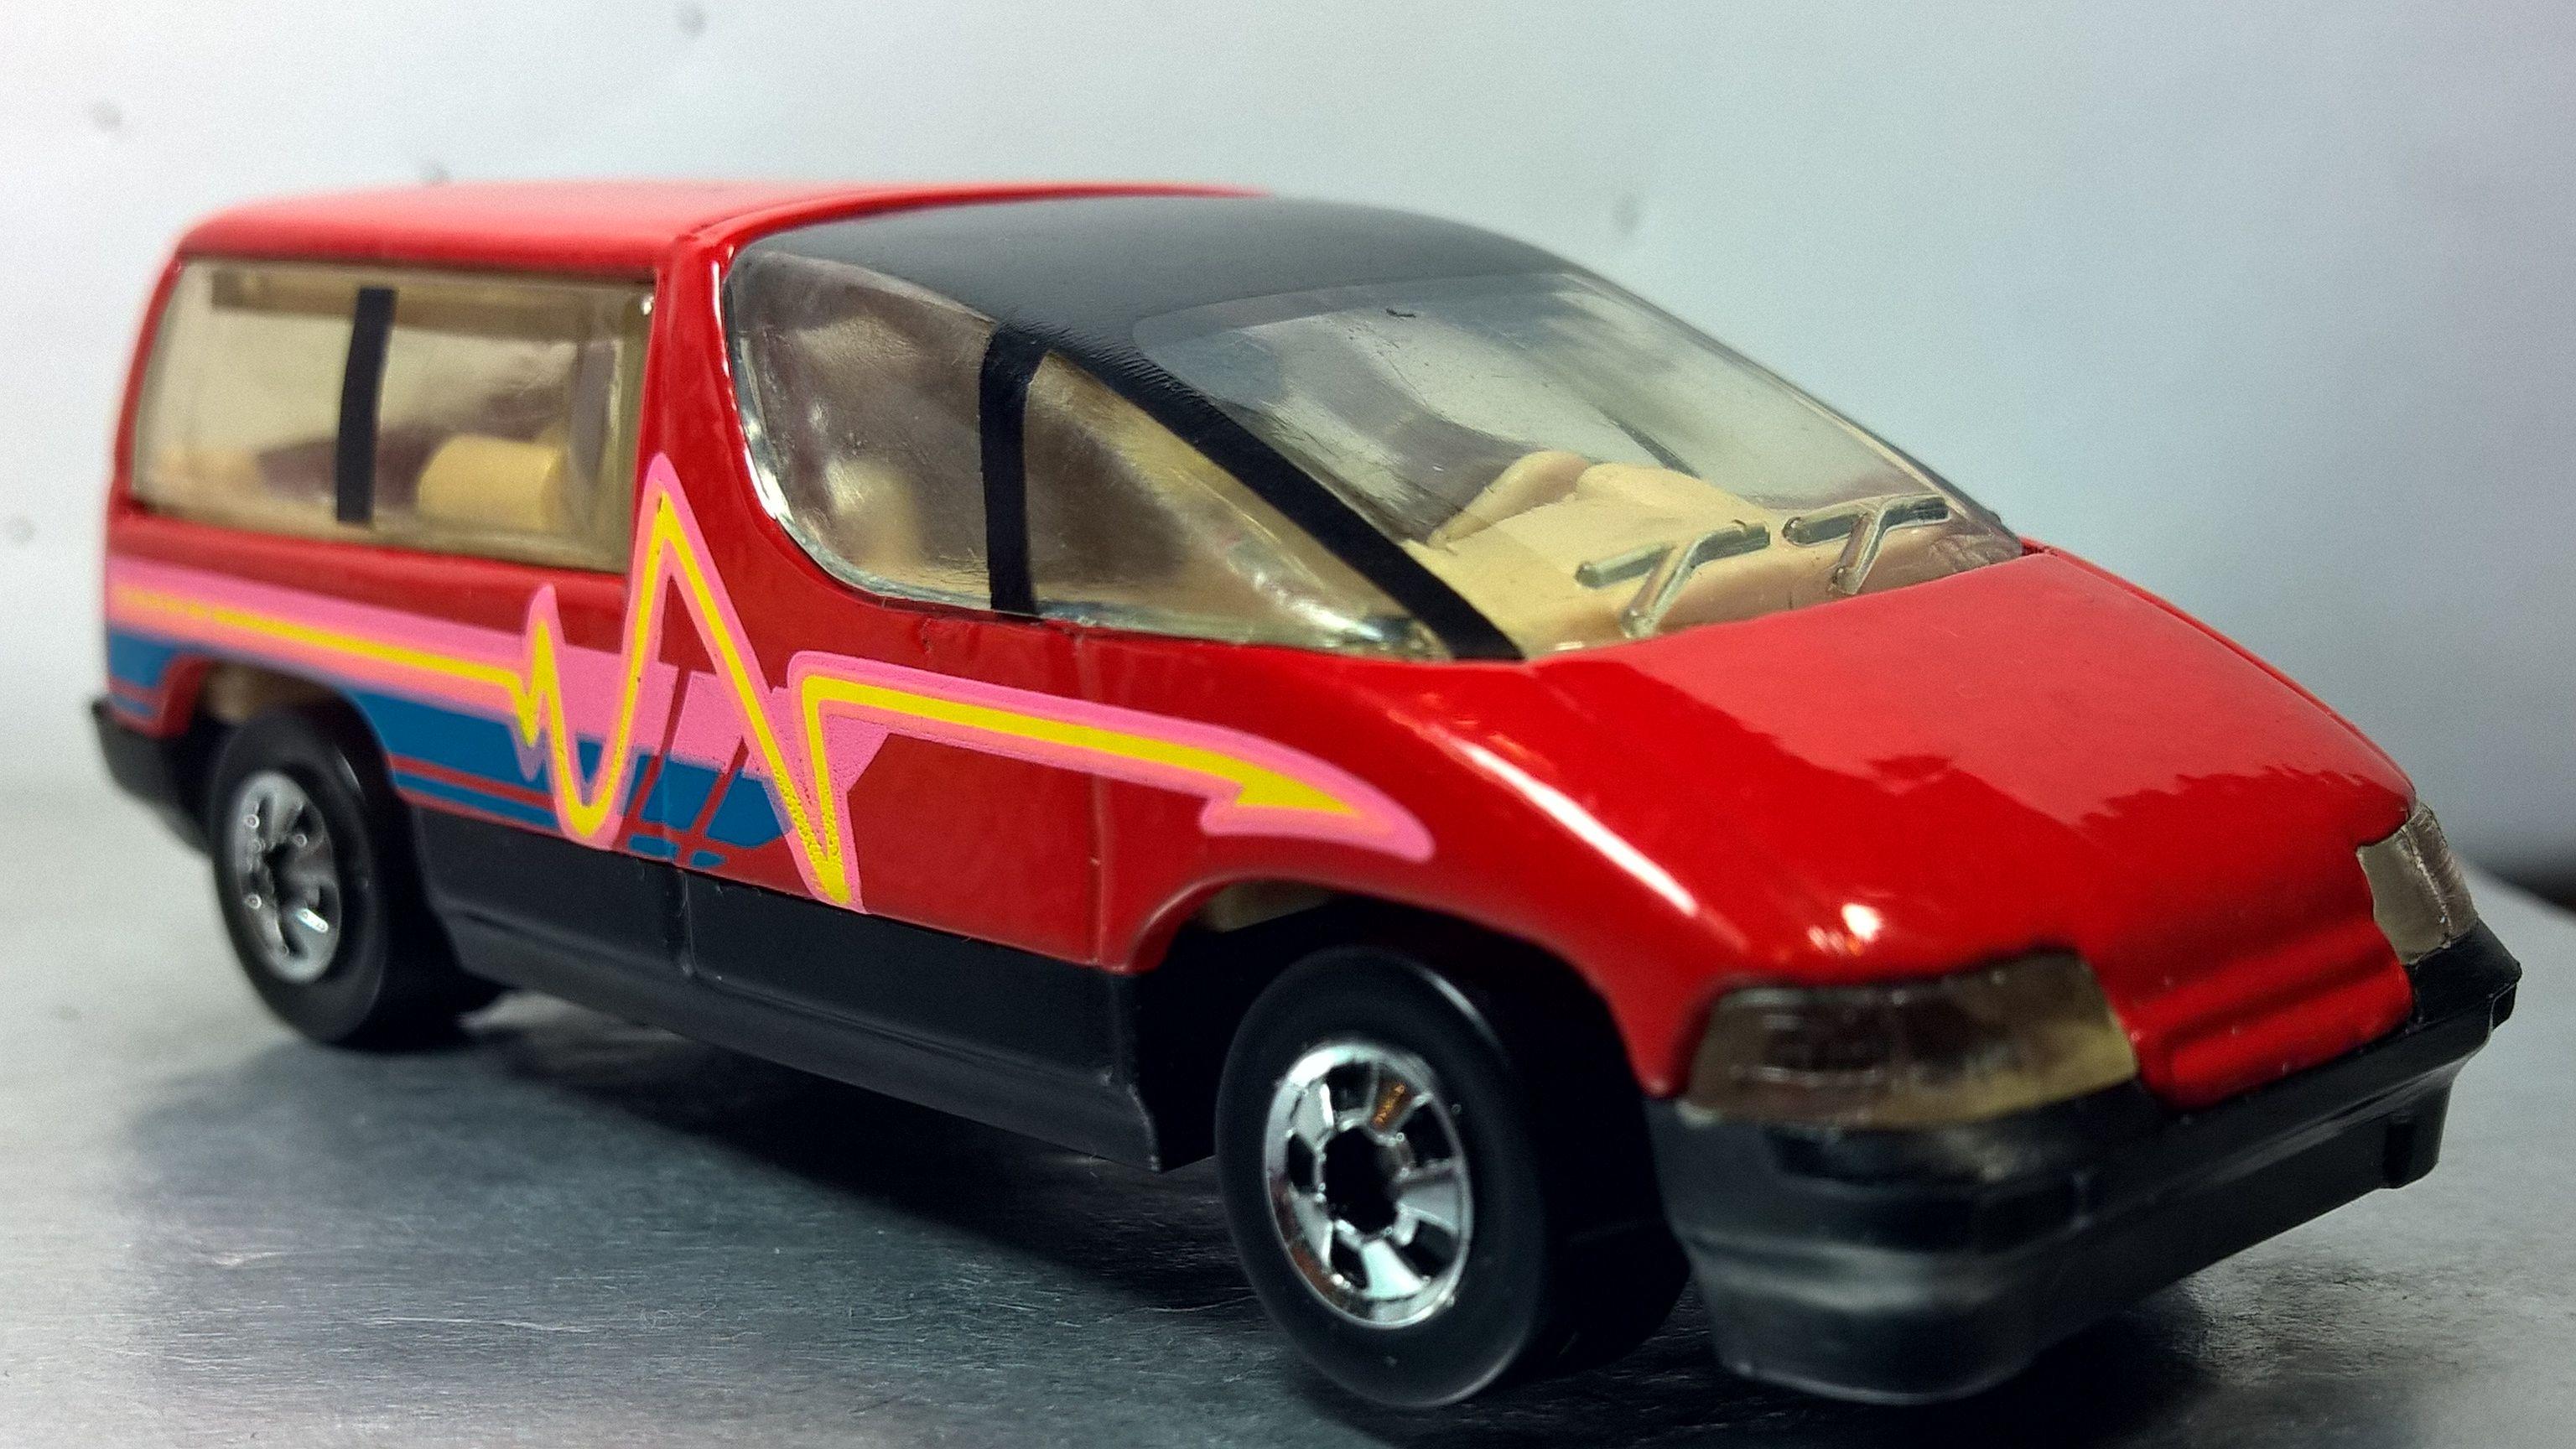 Hot Wheels Chevy Lumina Collector 126 1992 Hot Wheels Matchbox Diecast Models